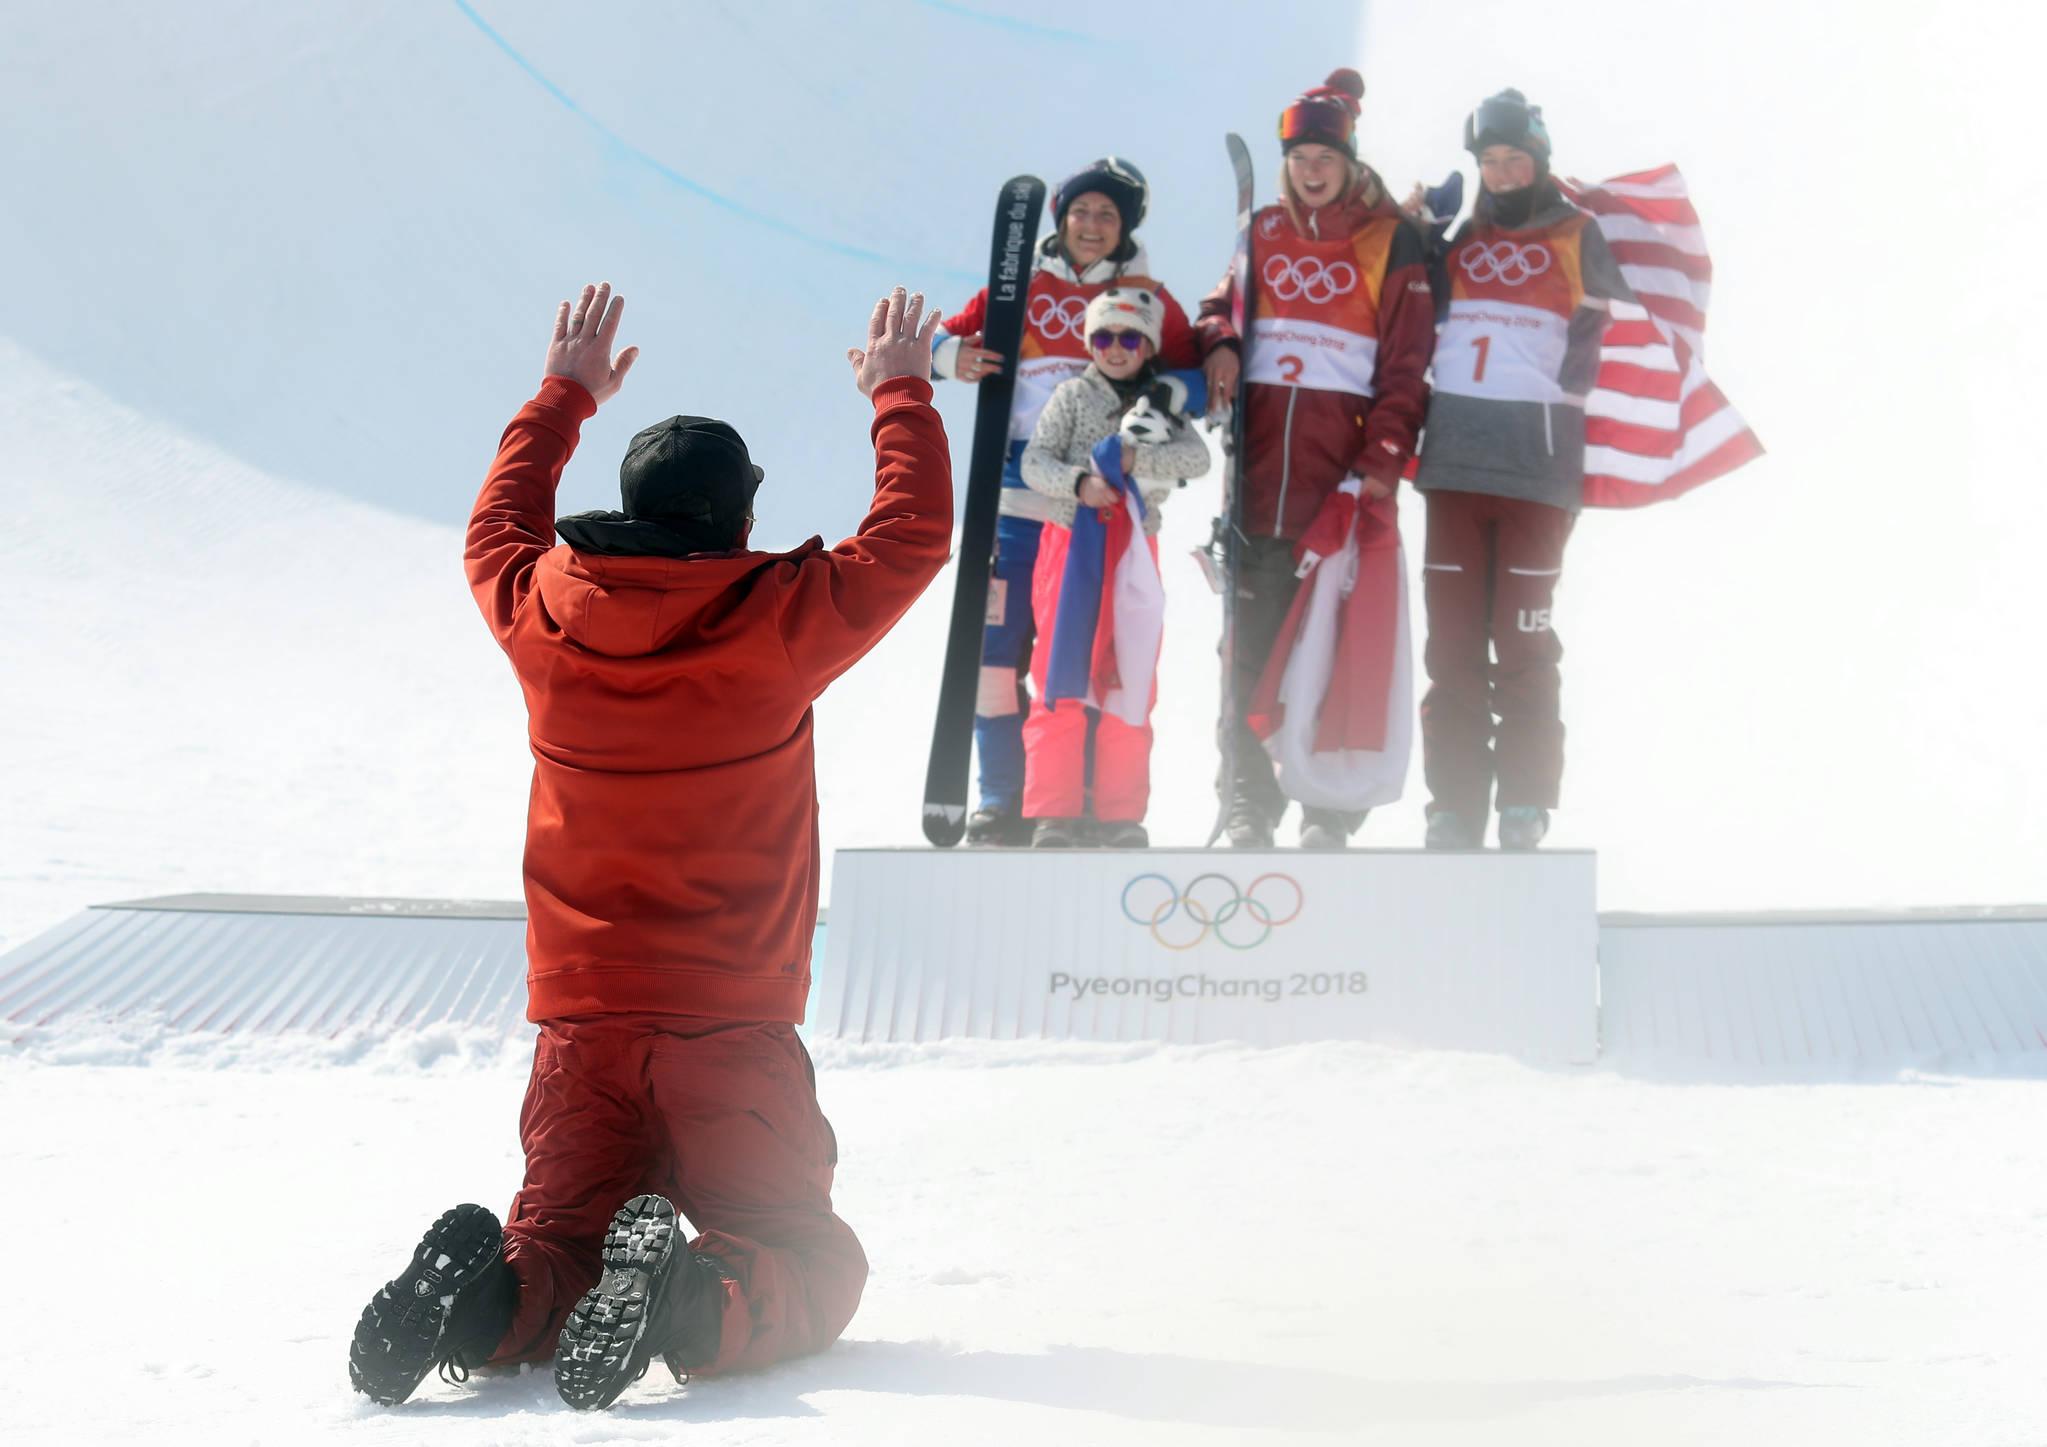 20일 강원 평창 휘닉스 스노 경기장에서 열린 2018 평창동계올림픽 여자 스키 하프파이프 결승에서 금메달을 딴 캐나다의 캐시 샤페(가운데), 은메달을 딴 프랑스의 마리 마르티노(왼쪽), 동메달을 딴 미국의 브리타 시고니가 시상대에서 활짝 웃는 동안 마리 마리노의 남편이 절을 하고 있다. 마리 마르티노 오른쪽은 딸이다.